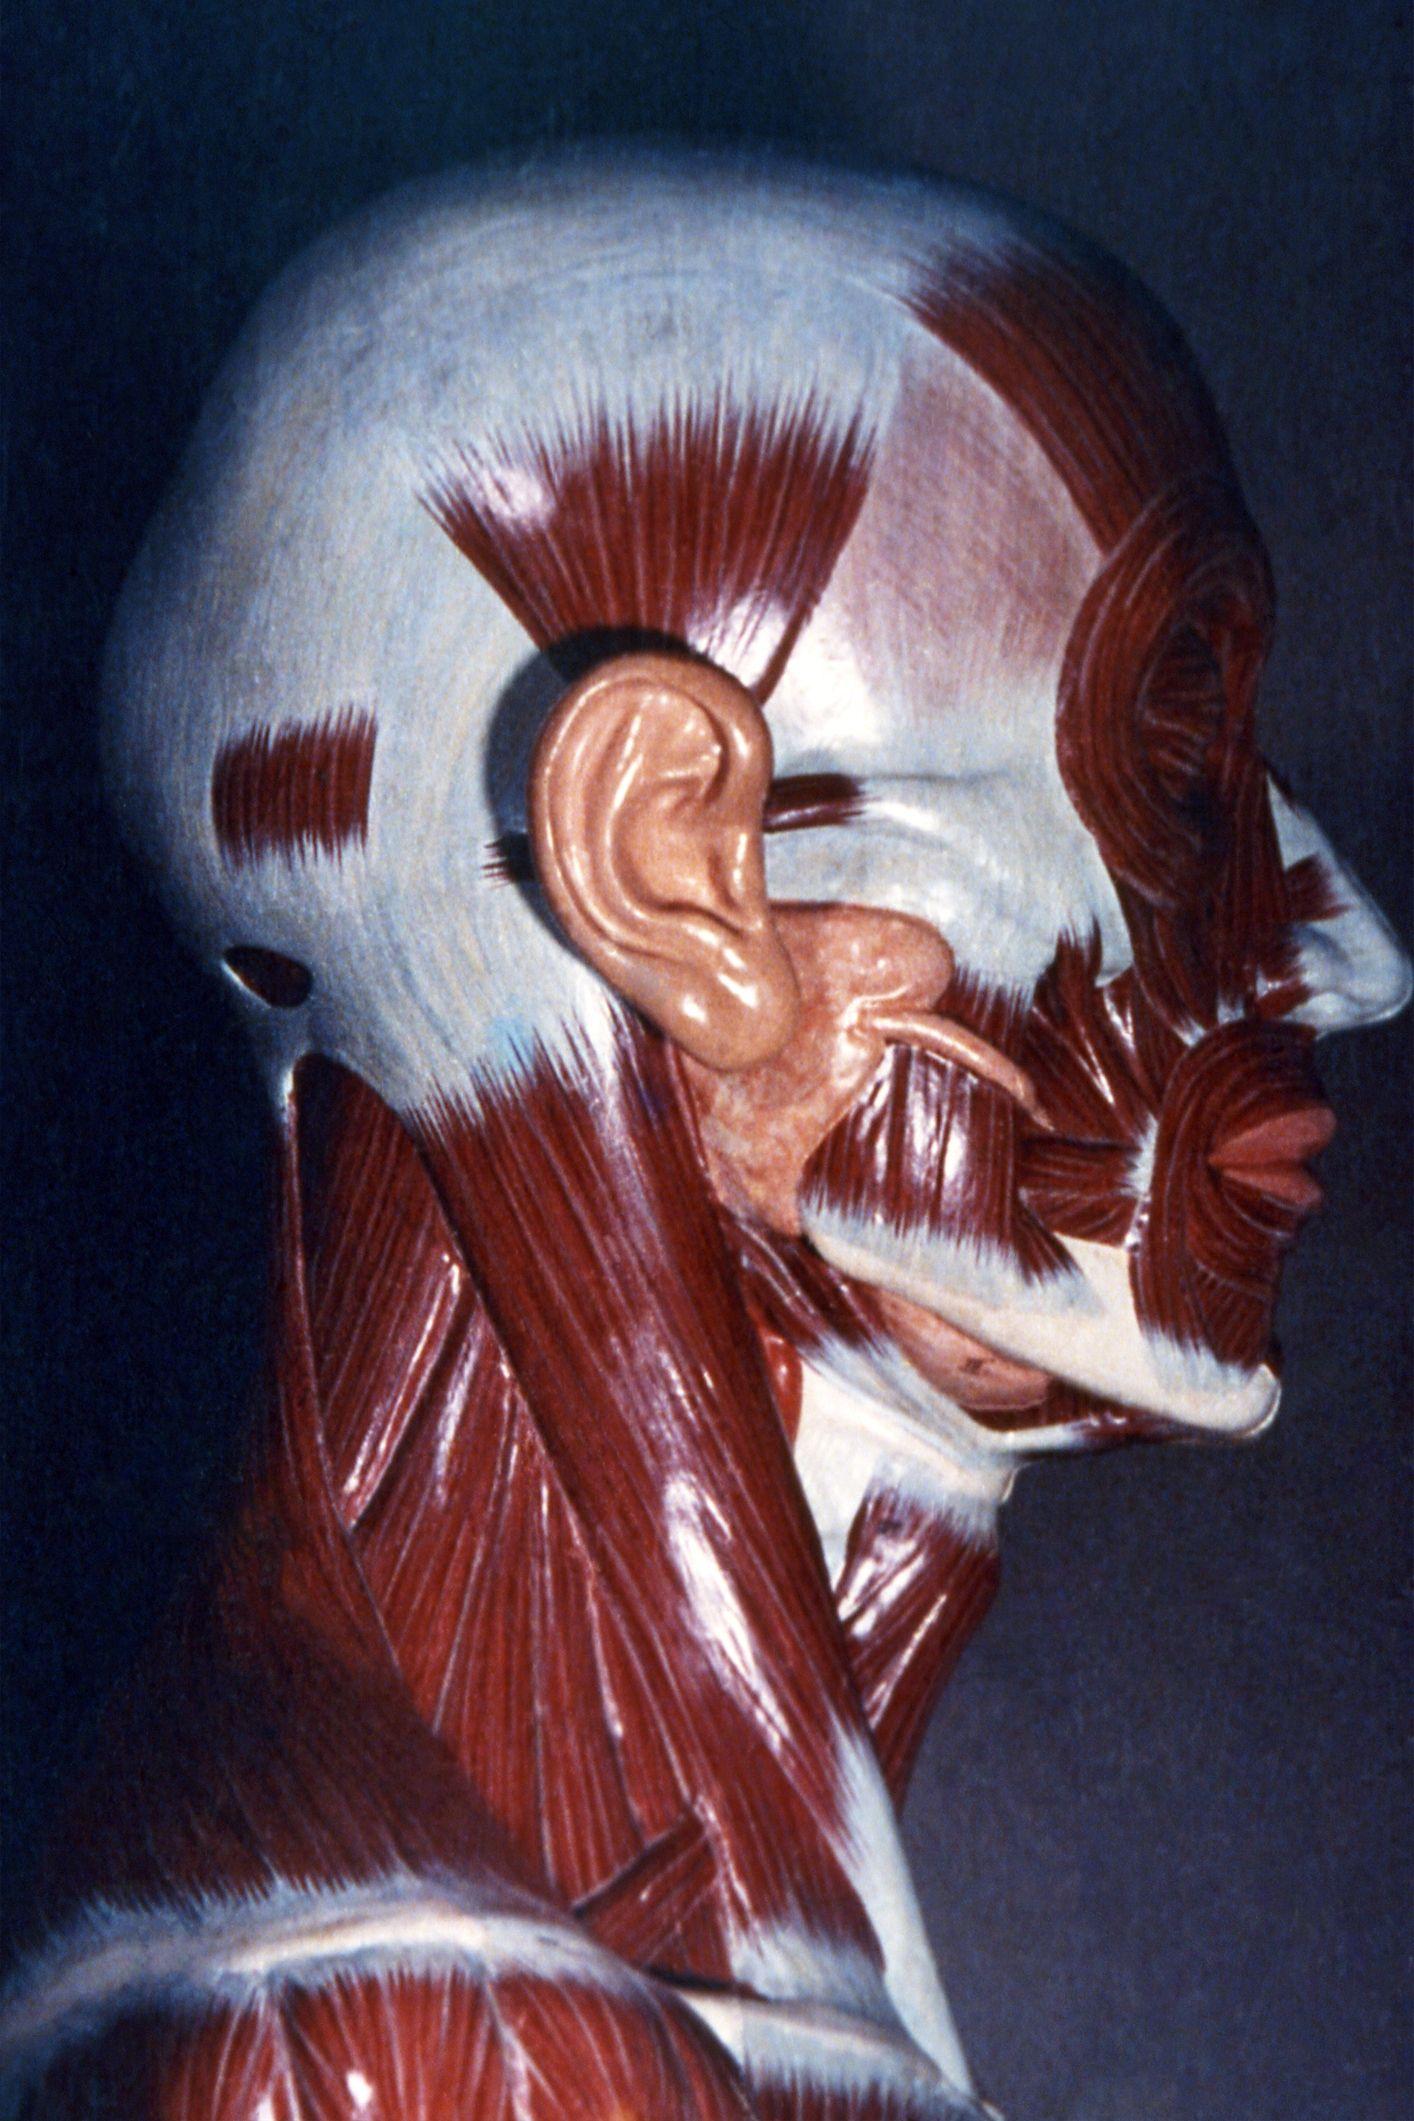 Músculos de la cabeza y el cuello   anatomia   Pinterest   Músculos ...